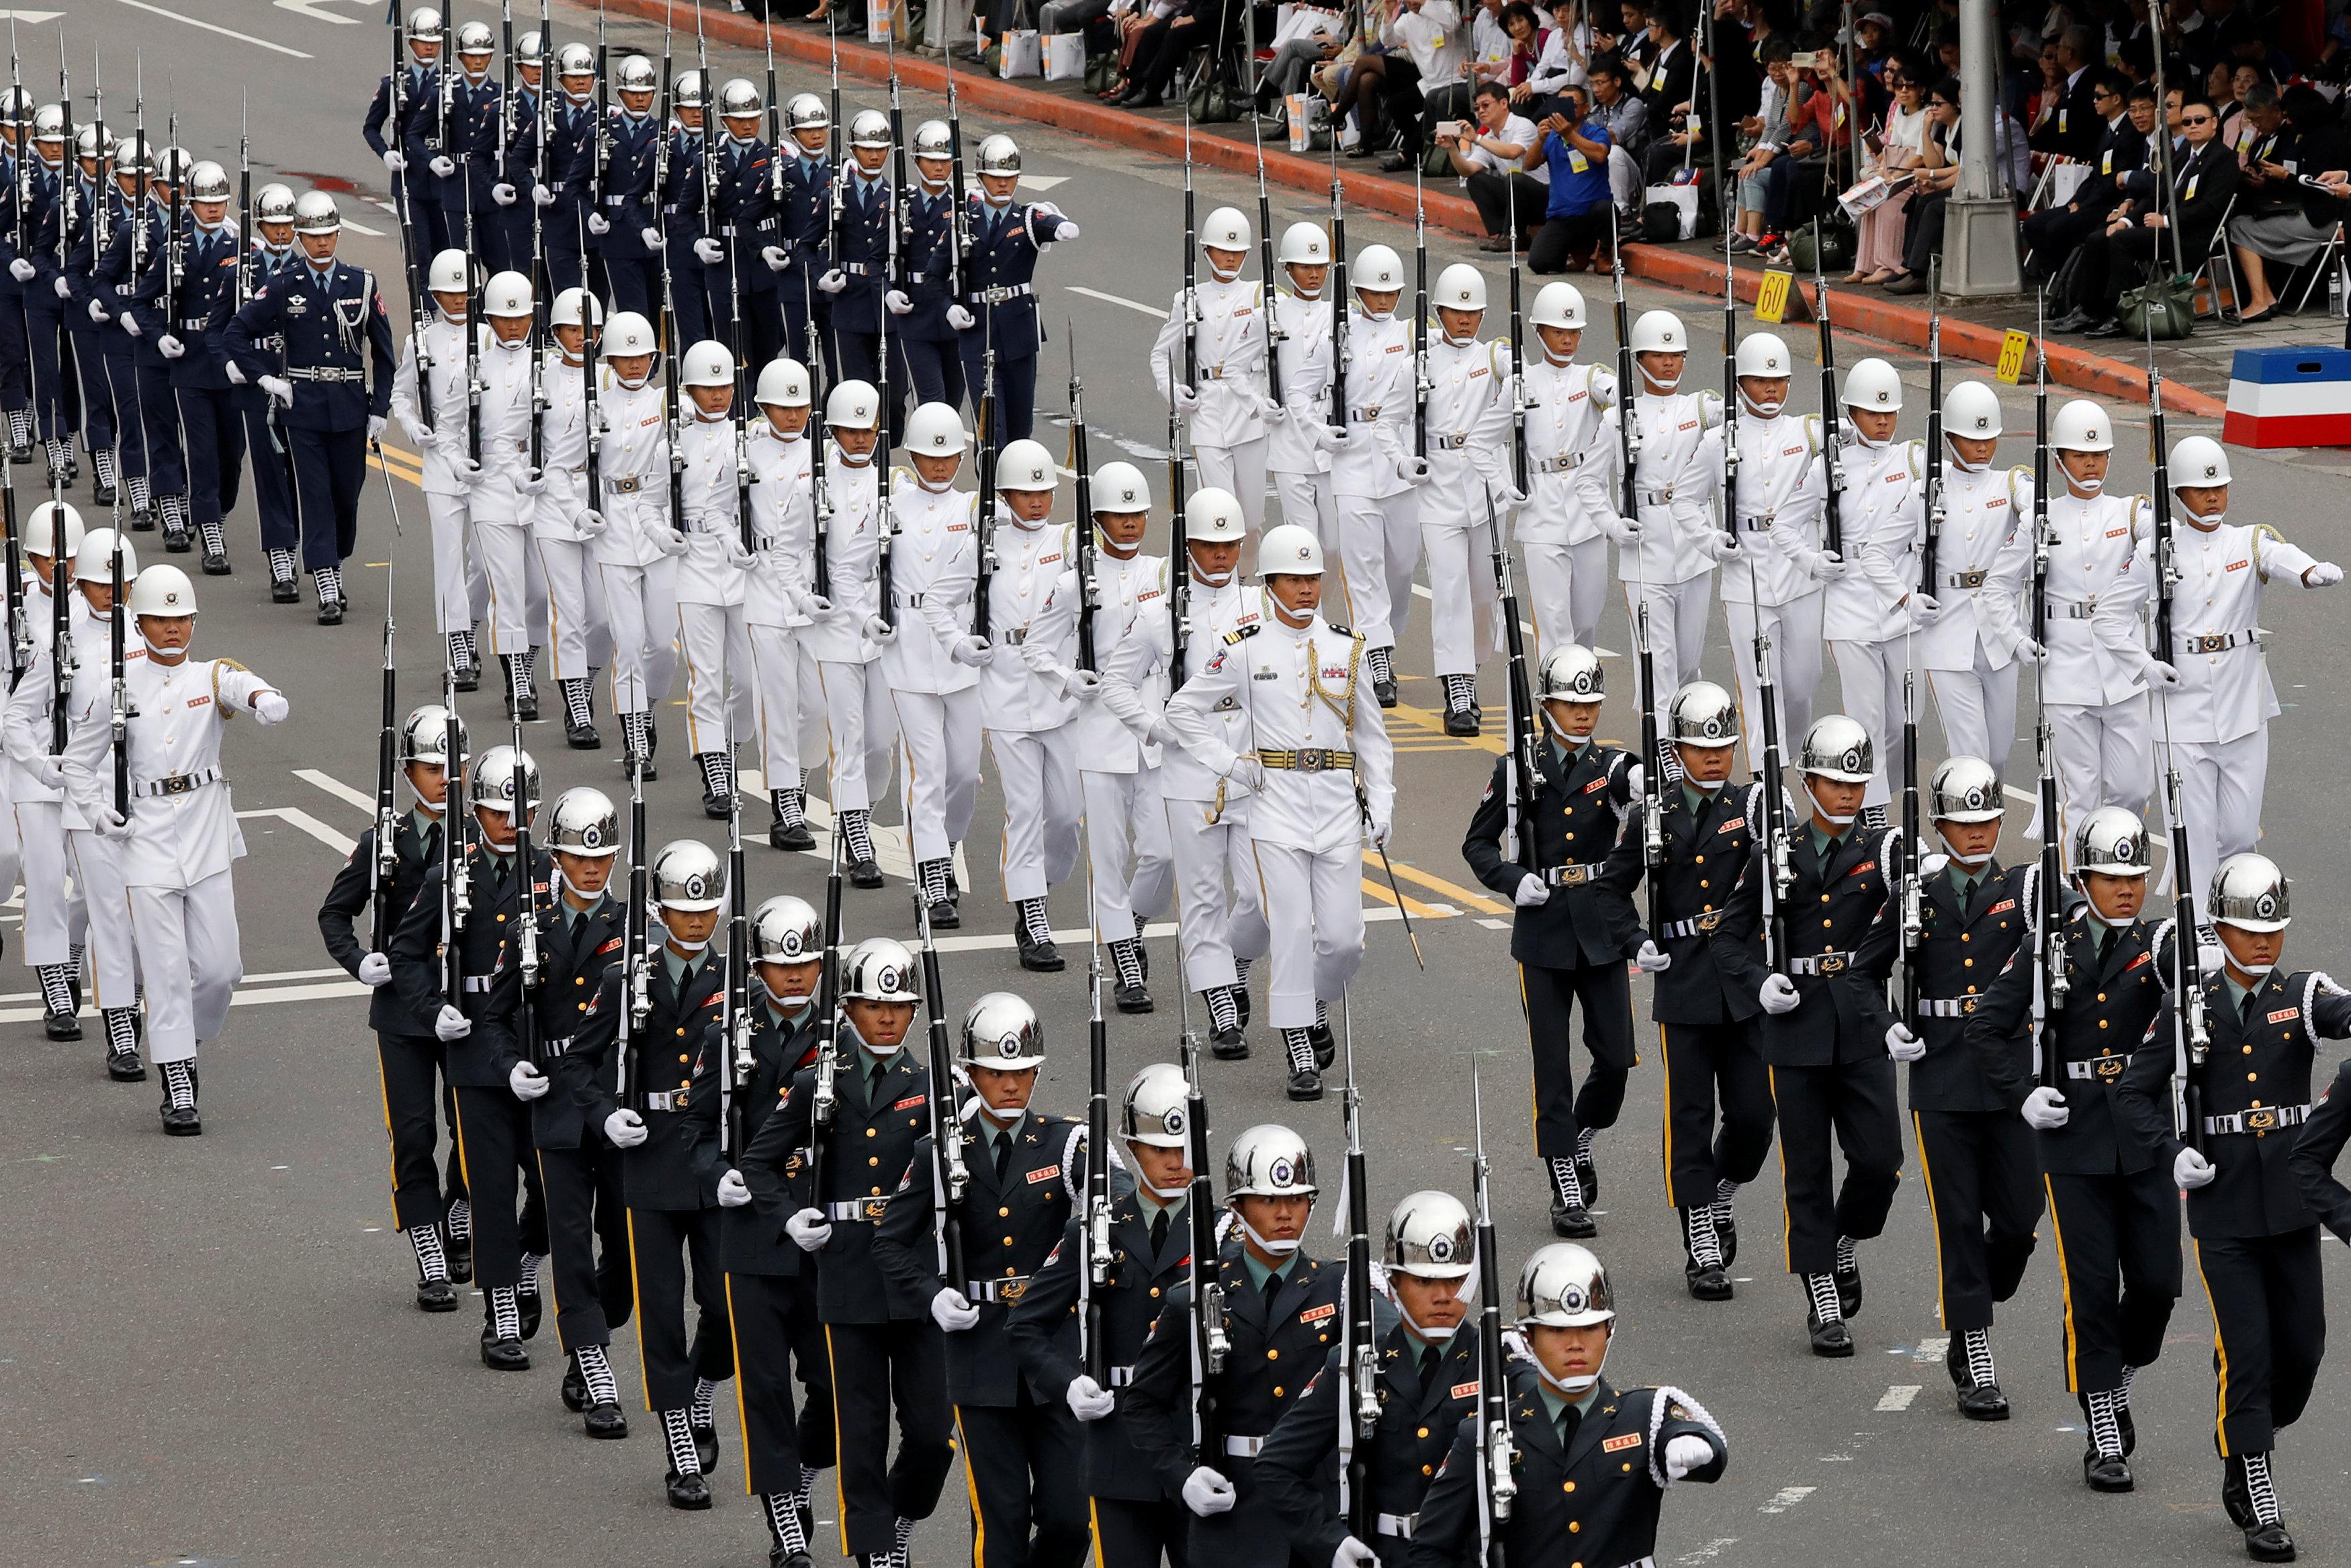 عرض تنظمه الشرطة التايوانية